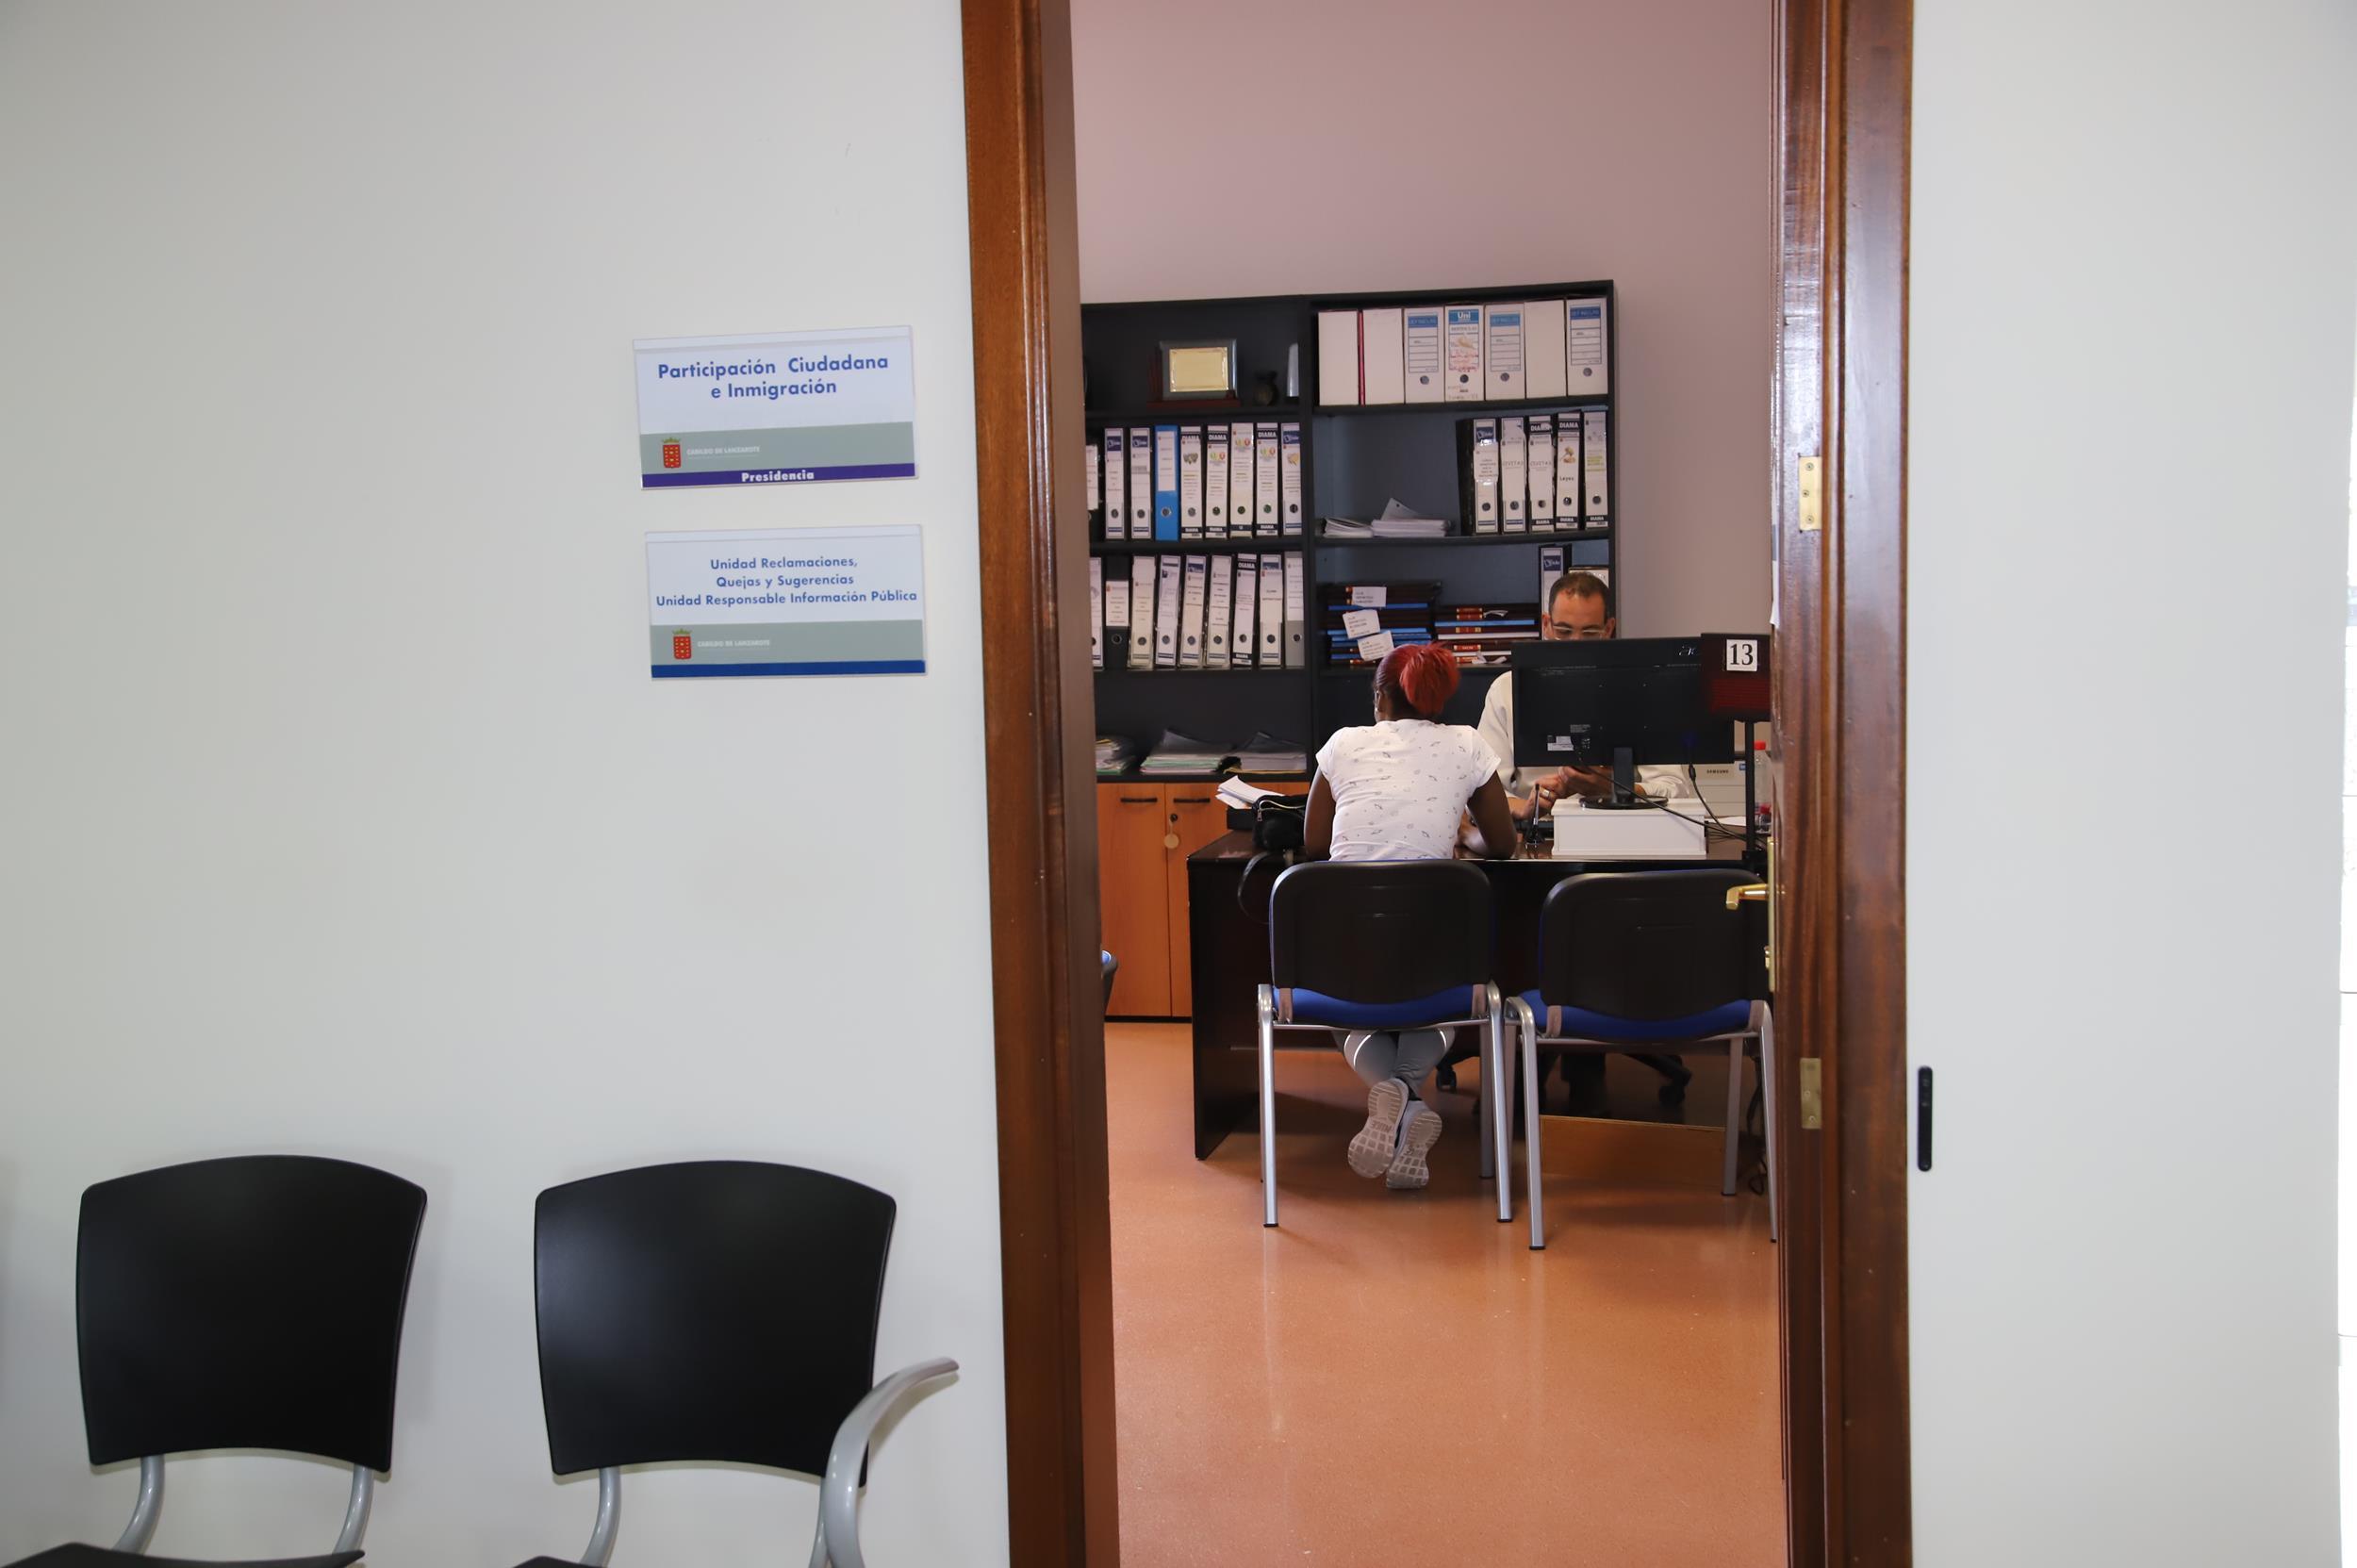 Oficina de Participación Ciudadana del Cabildo de Lanzarote / CanariasNoticias.es